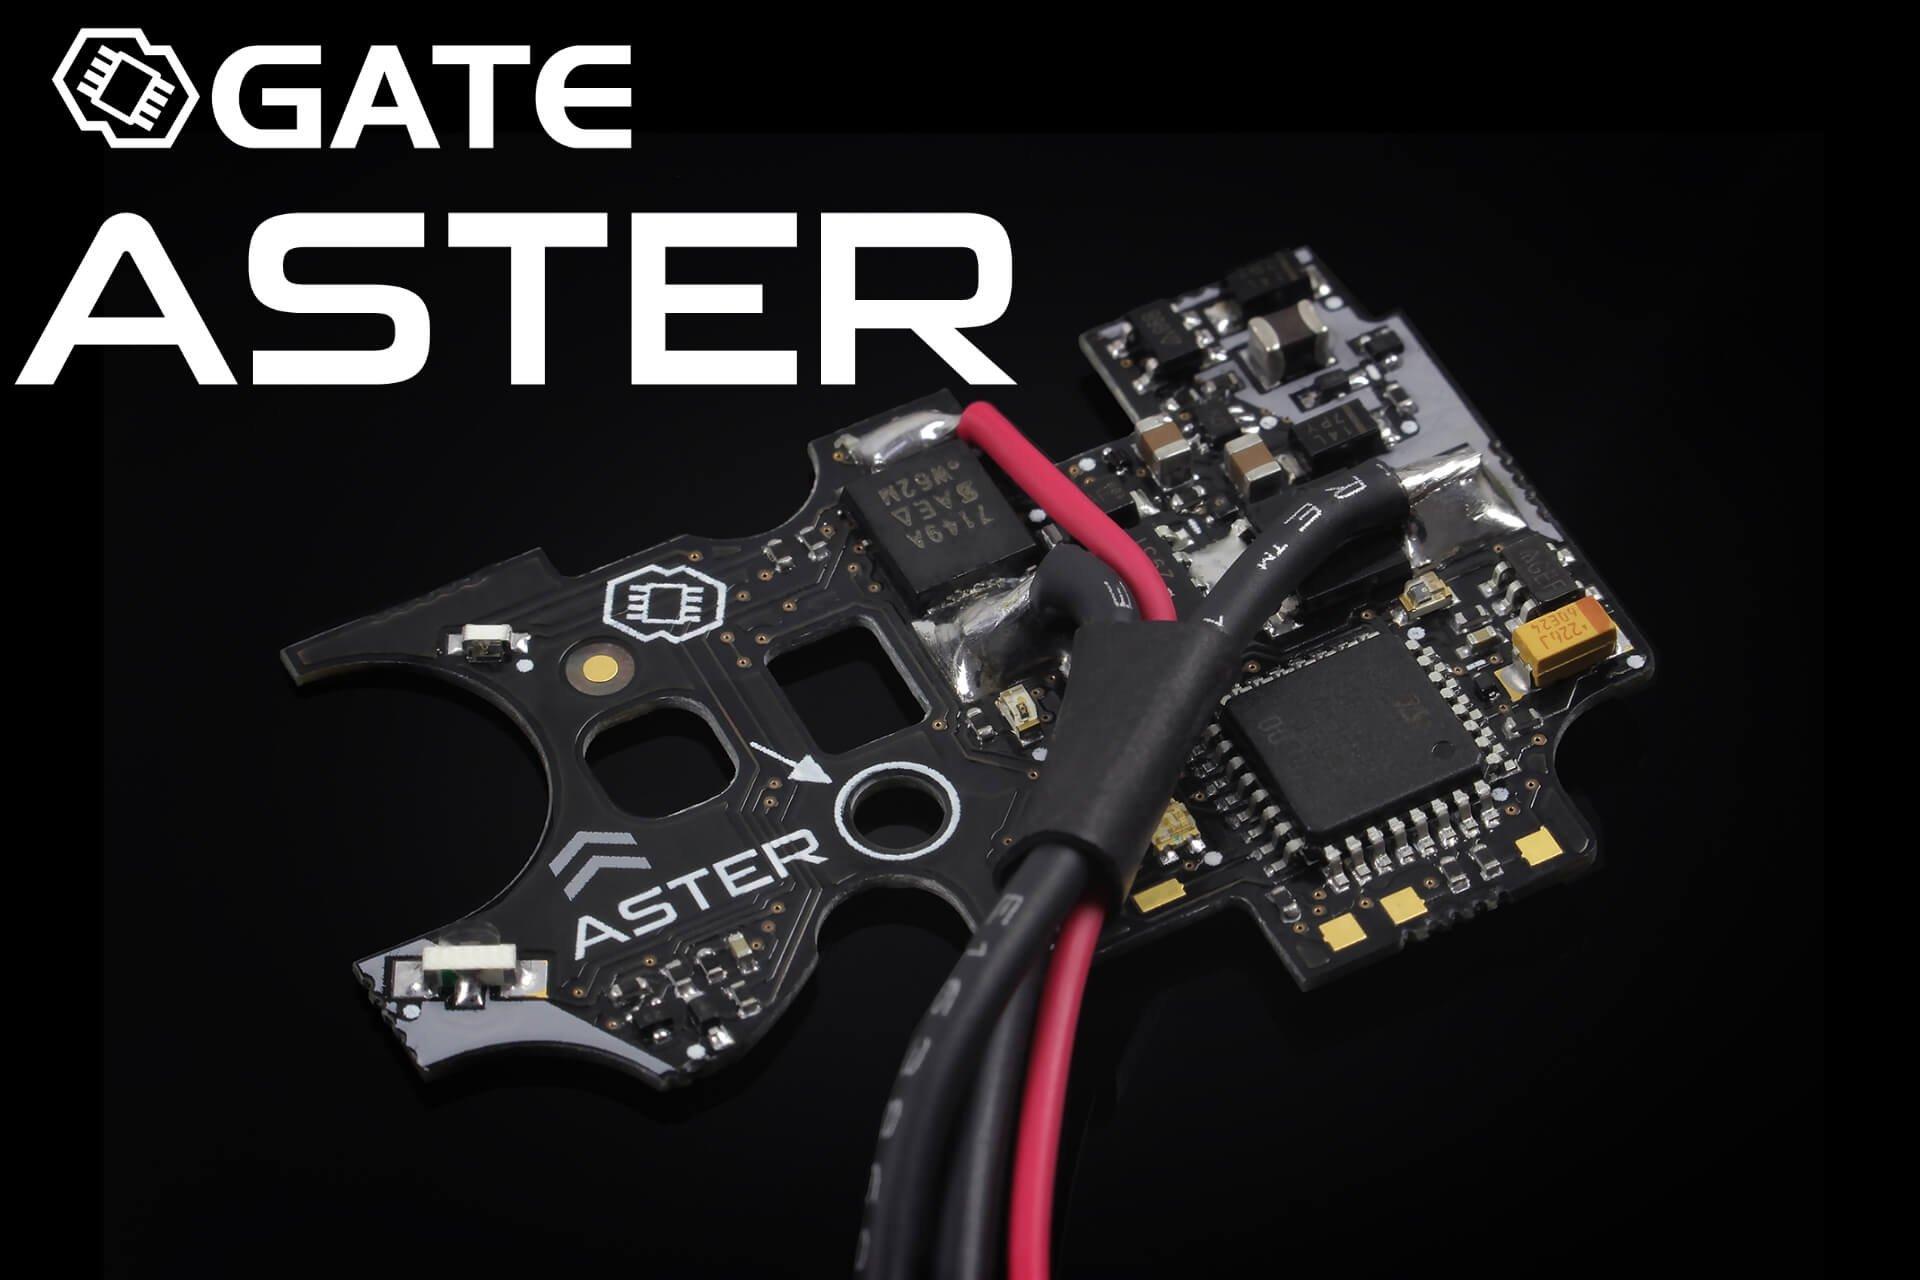 GATE ASTER V2 Basic, Ledning Bagud